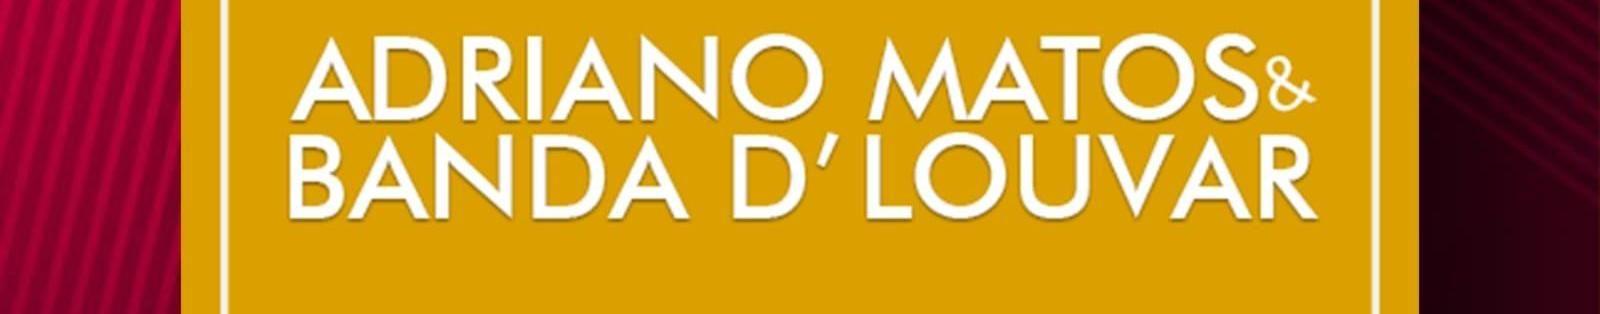 Imagem de capa de ADRIANO MATOS & BANDA D'LOUVAR